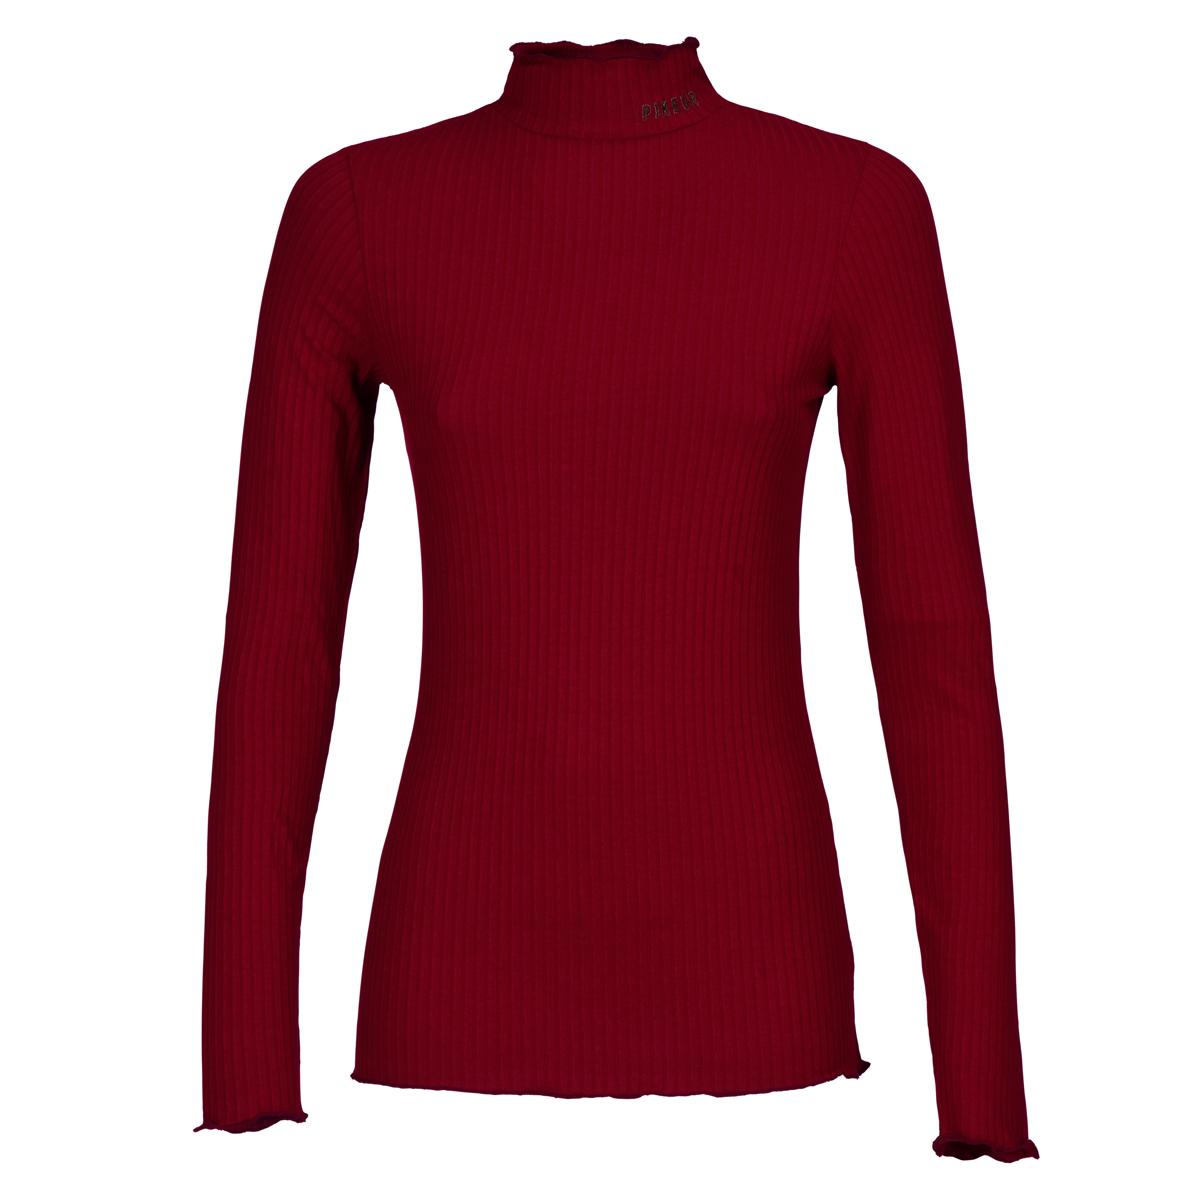 ◆ SALE!◆ Pikeur JAINA (レディース リブハイネックシャツ)